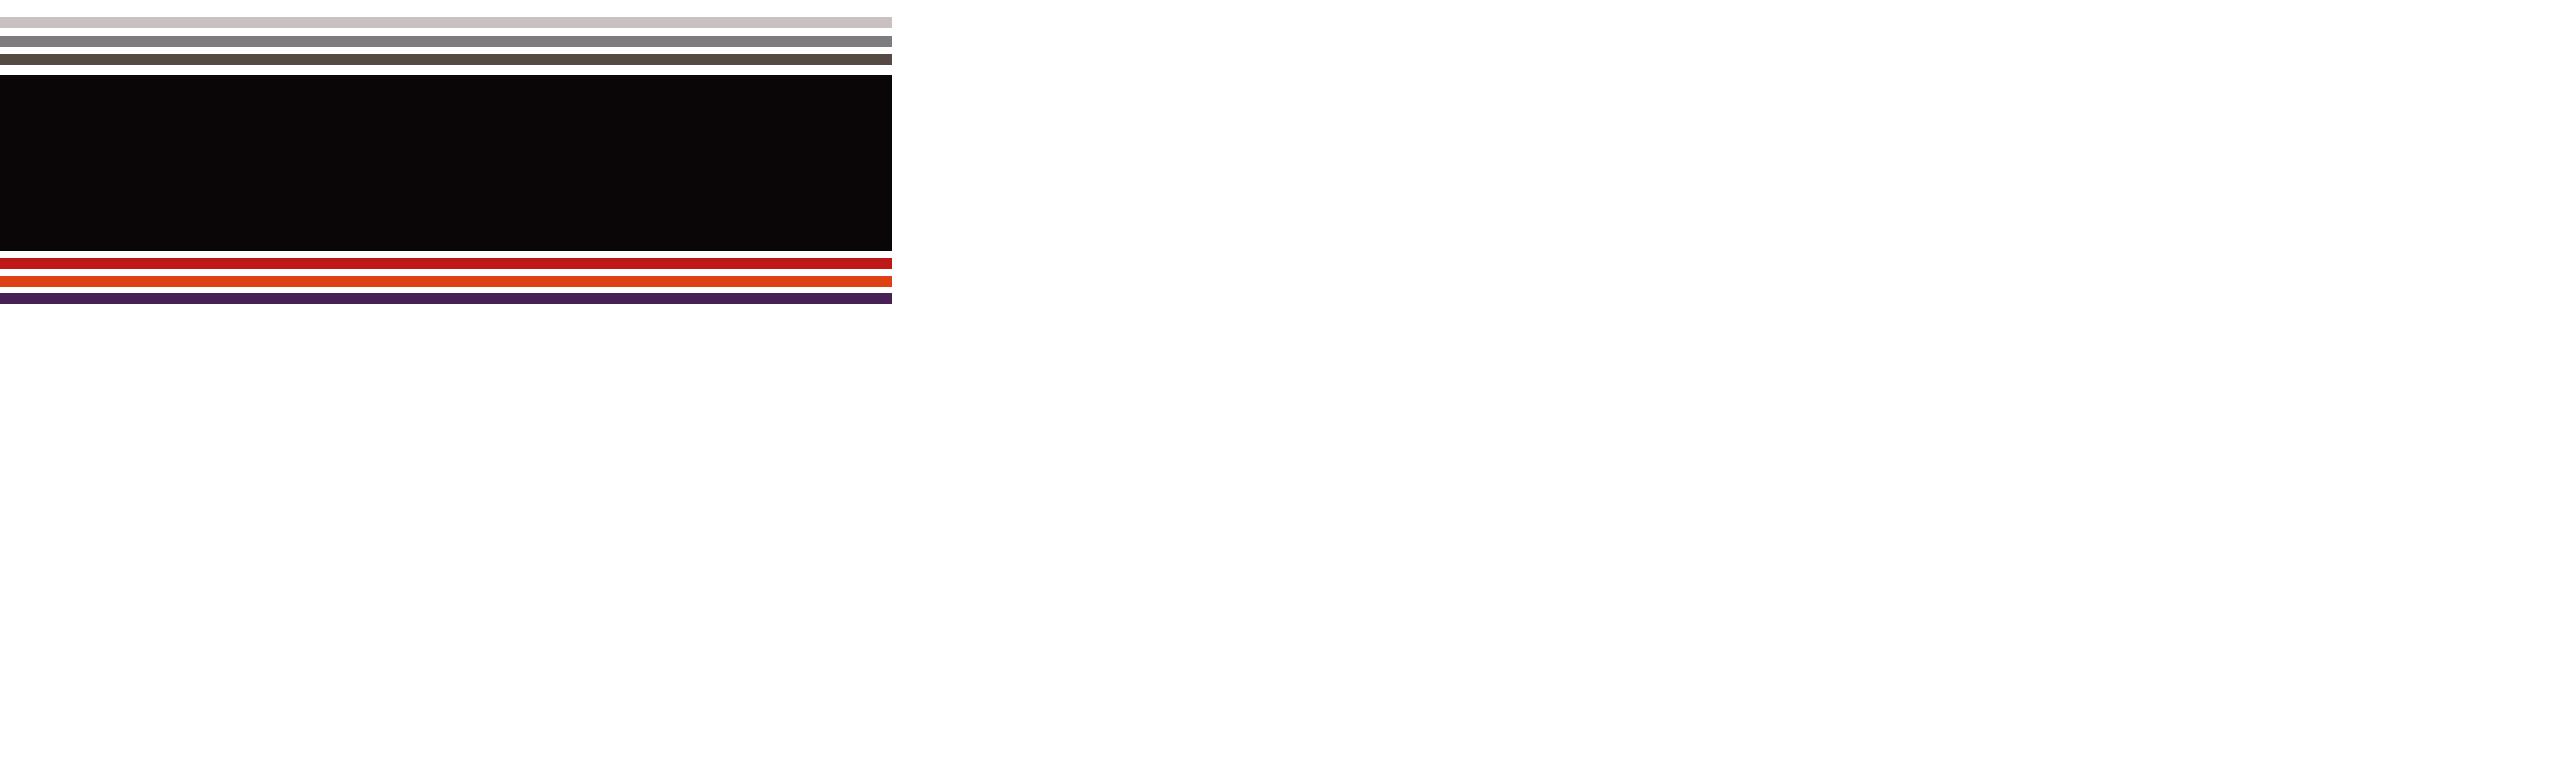 003 PanoVerlauf BG